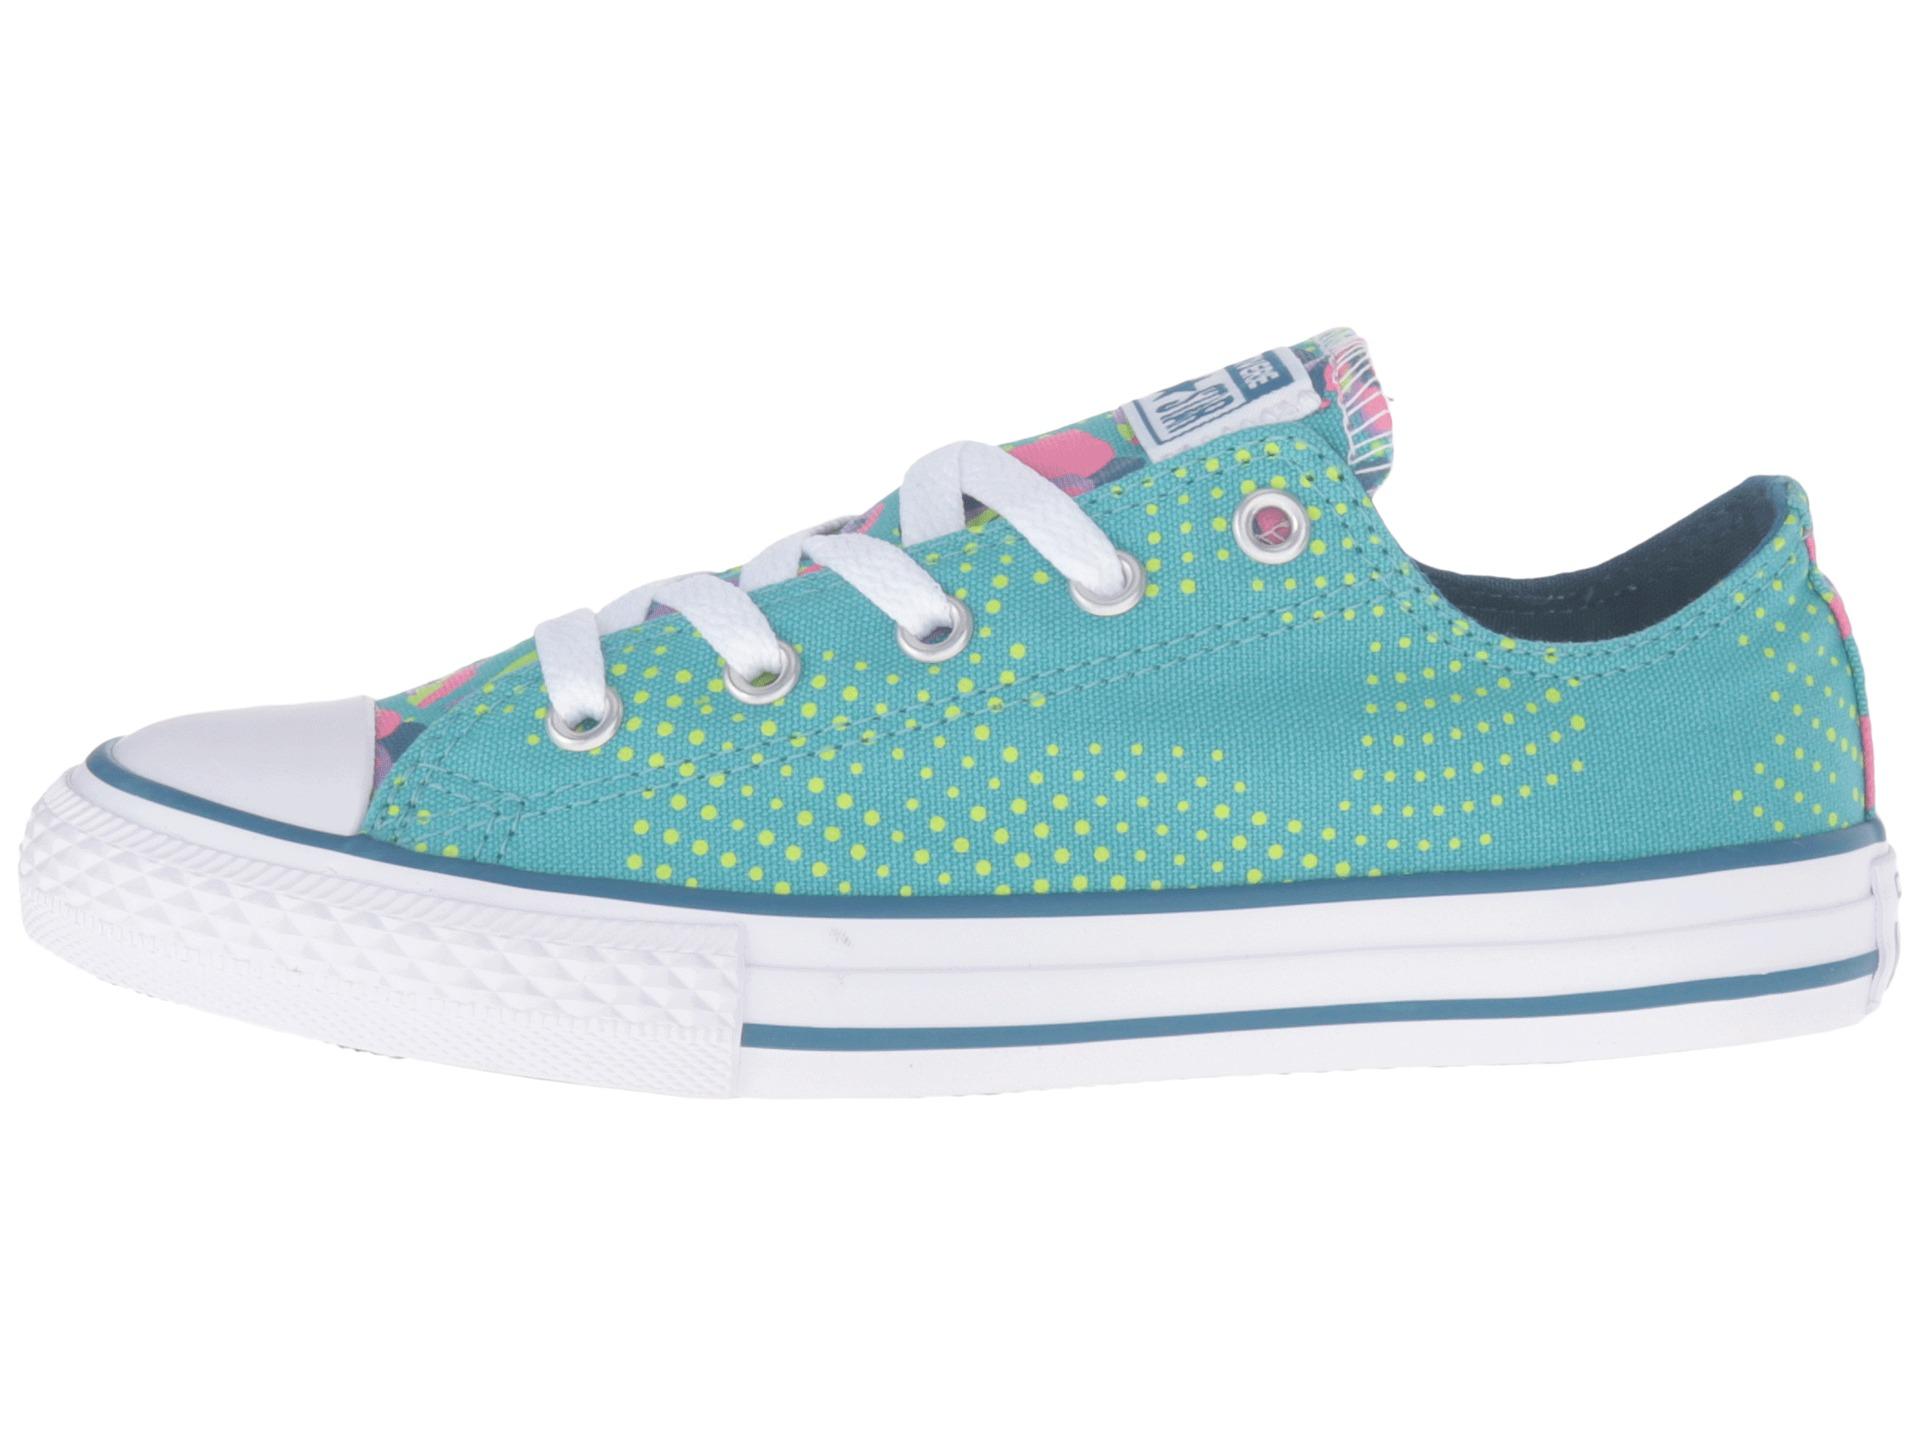 Big Kids Aqua Converse Shoes